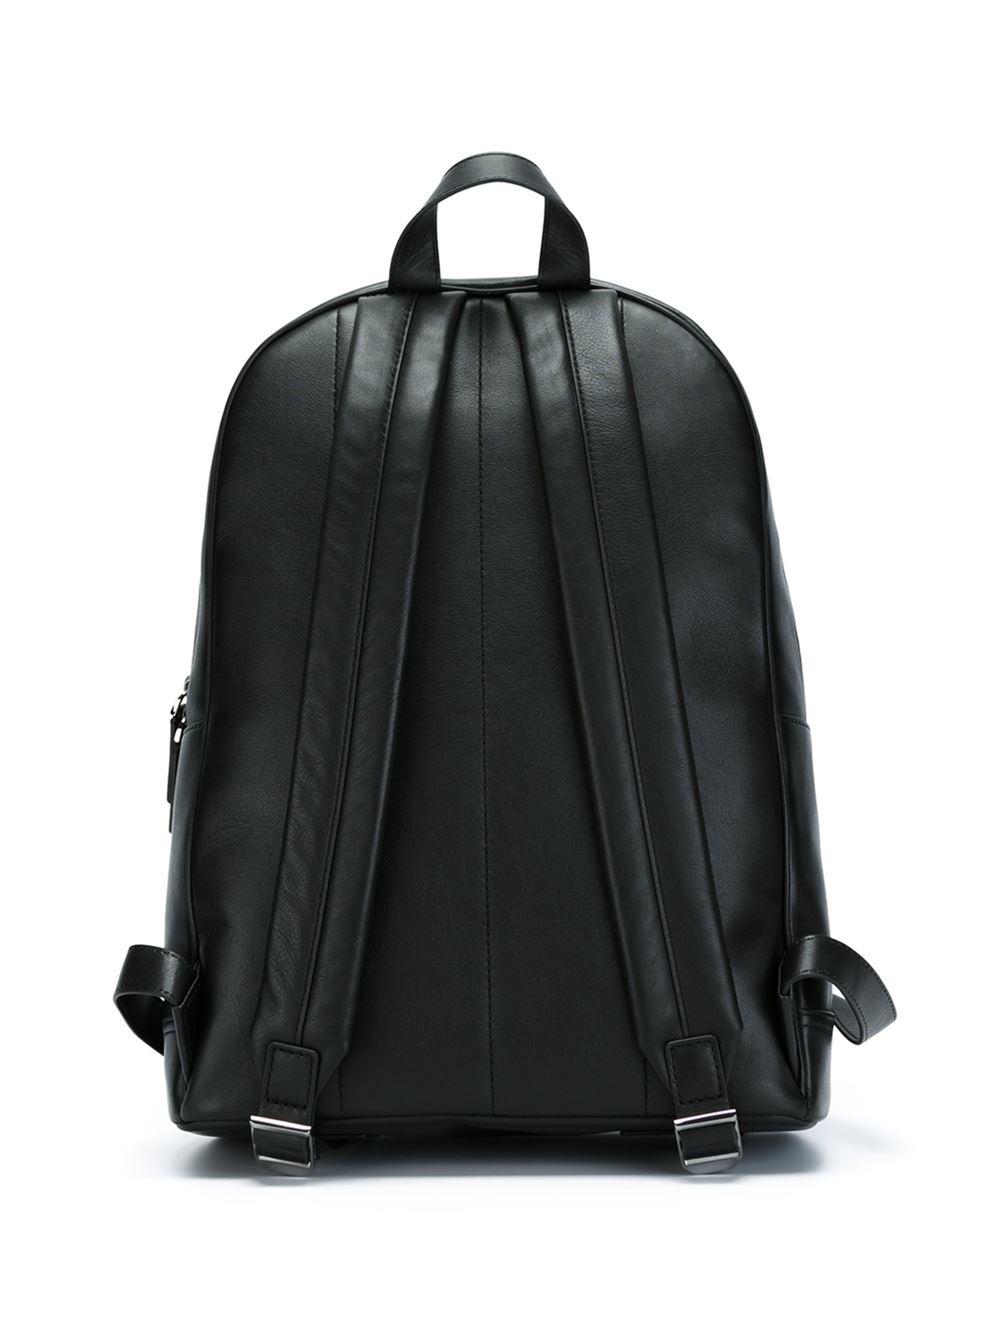 53b9b9fca67e sweden lyst michael kors kent backpack in black for men 2d66b 2b184